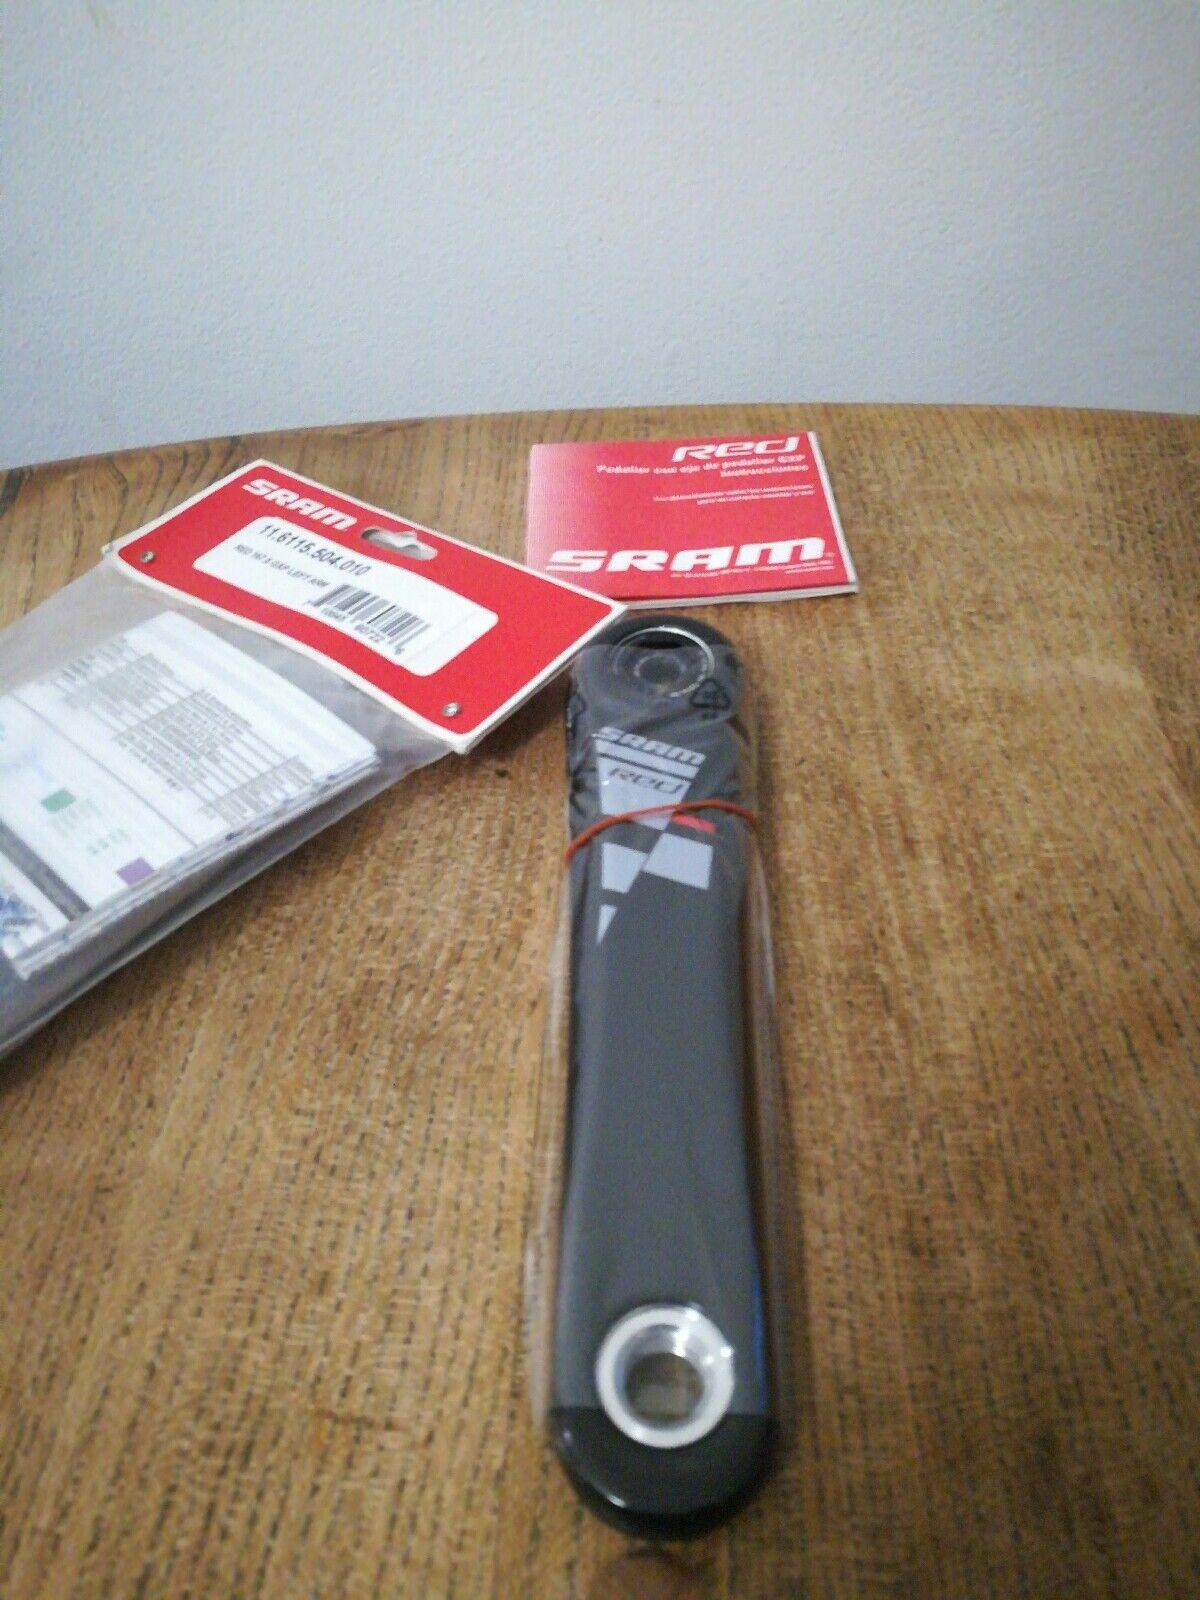 SRAM Rosso Sinistro Braccio di Manovella Gxp 167.5 mm Carbon NUOVO